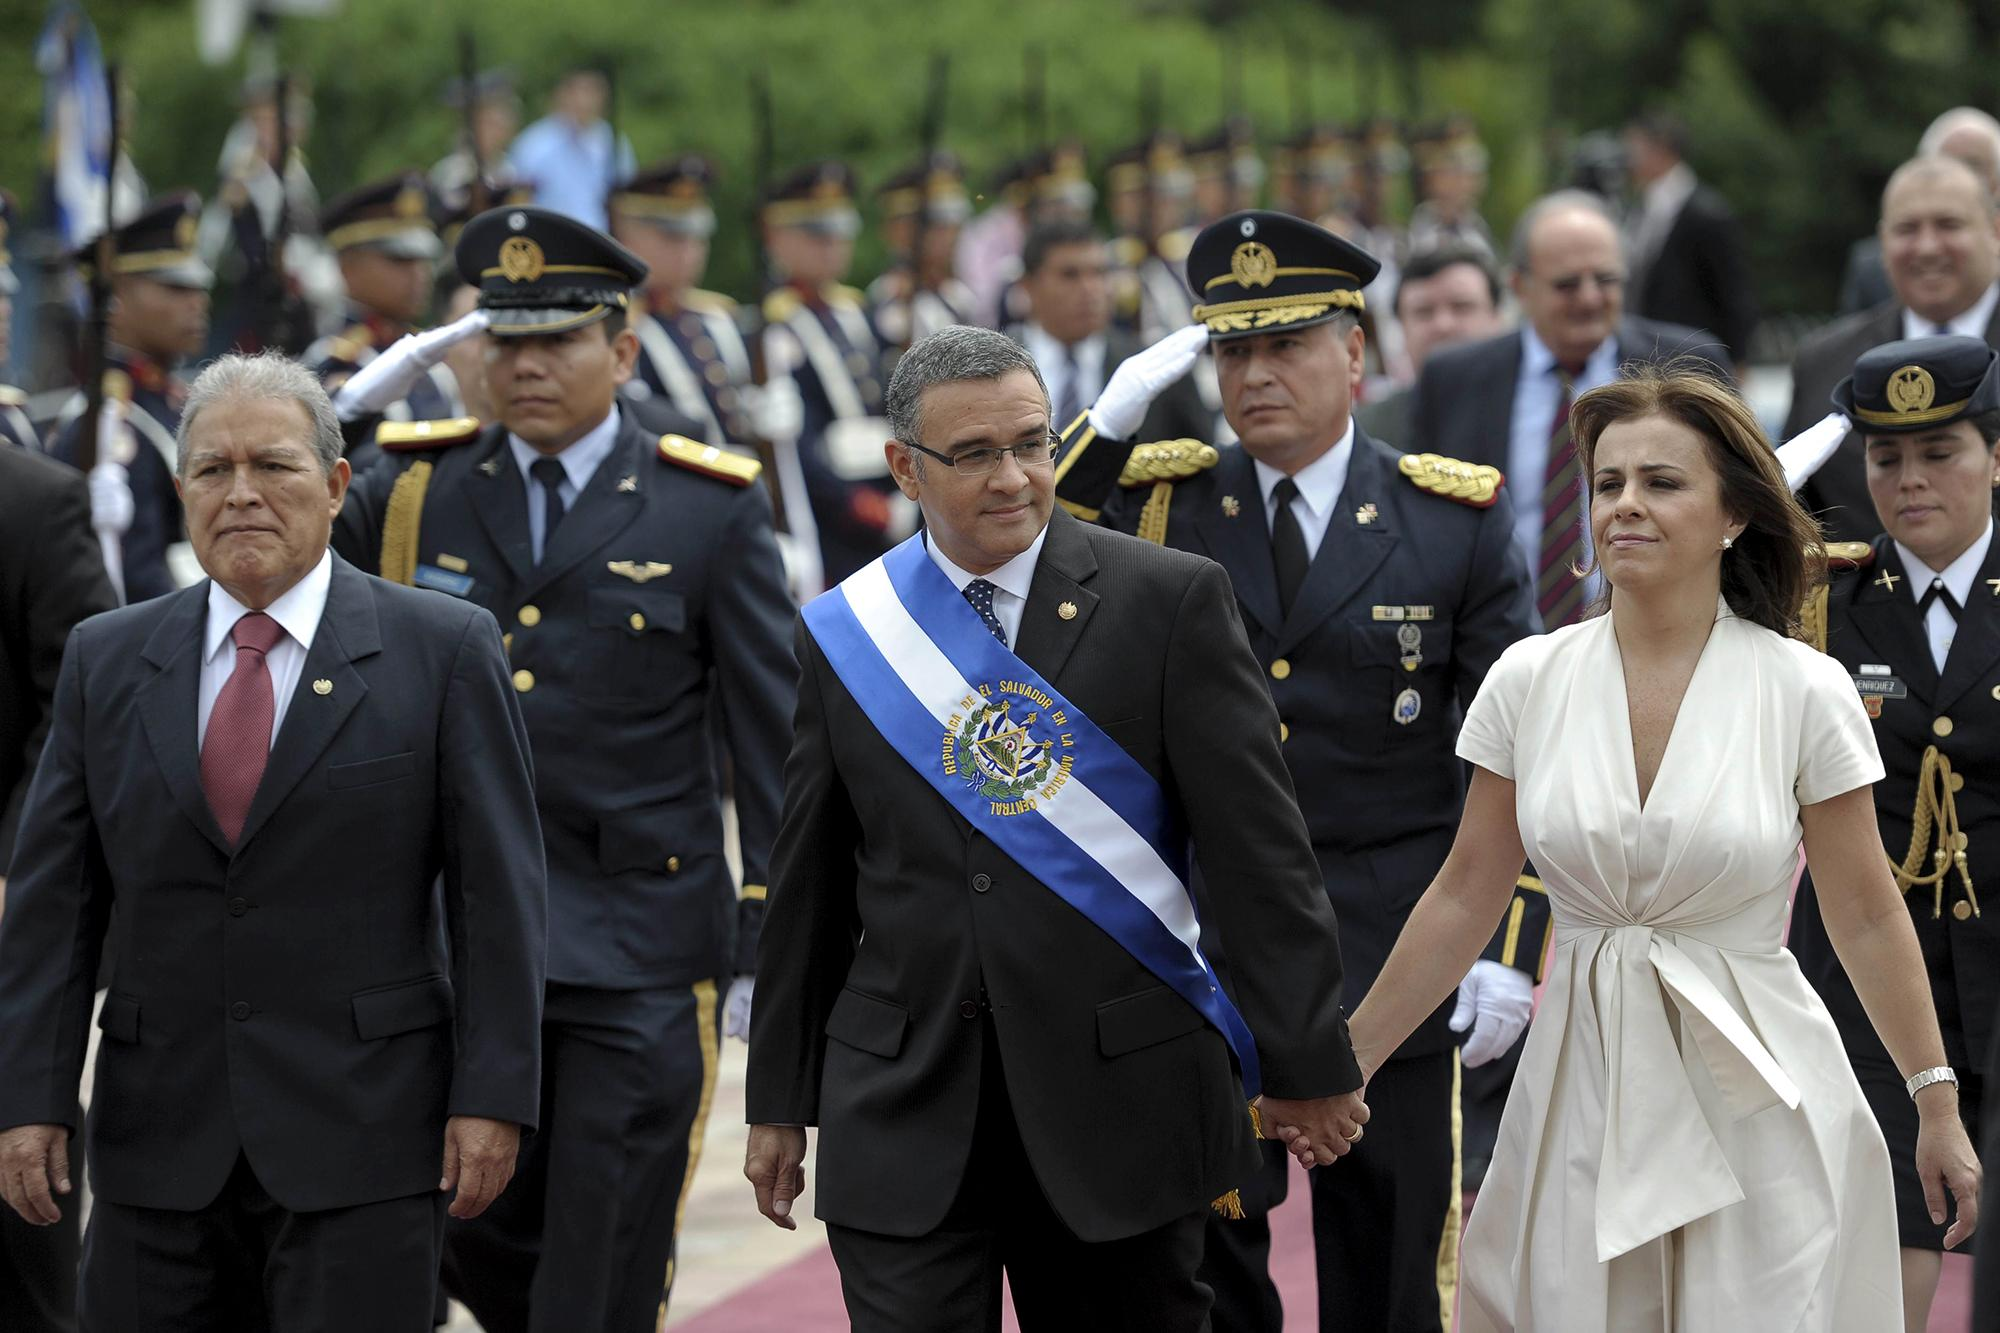 El presidente, Mauricio Funes, junto a su esposa, Vanda Pignato, y el vicepresidente, Salvador Sánchez Cerén, entran el 1 de junio de 2011 a la Asamblea Legisltiva para rendir su segundo informe anual. Foto de AFP: José Cabezas.